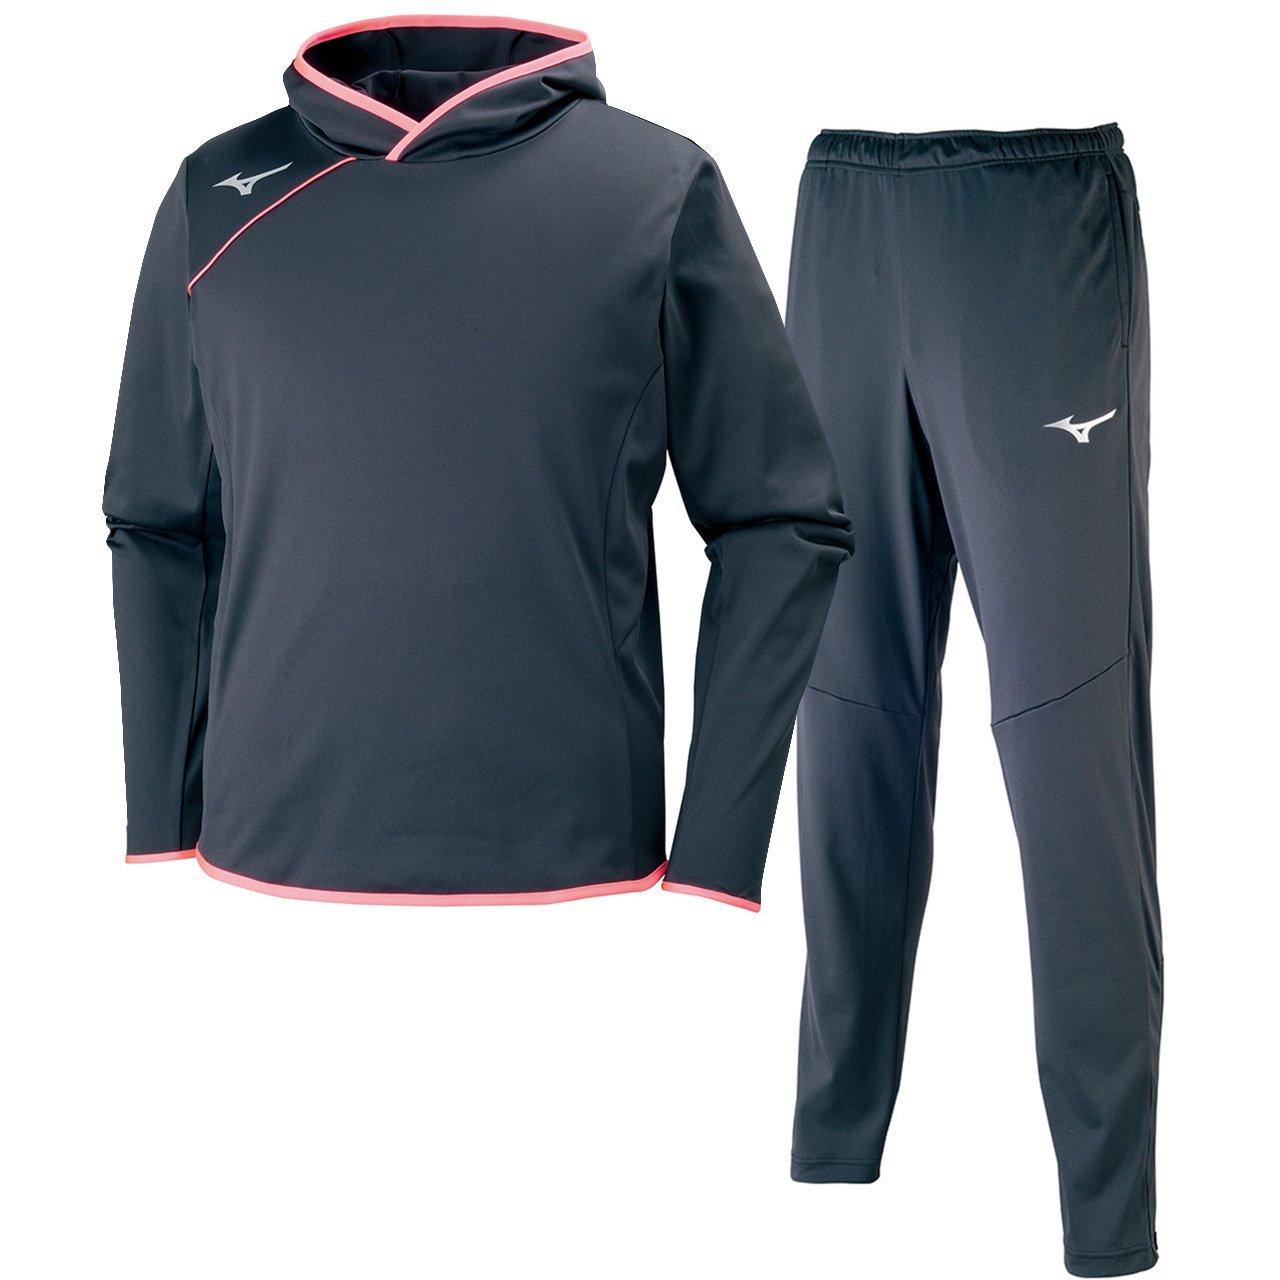 ミズノ(MIZUNO) Softストレッチシャツ&ストレッチパンツ 上下セット(ブラックピンクグロー/ブラックシルバー) V2ME7521-96-V2MF7520-90 ブラックピンクグロー×ブラックS L